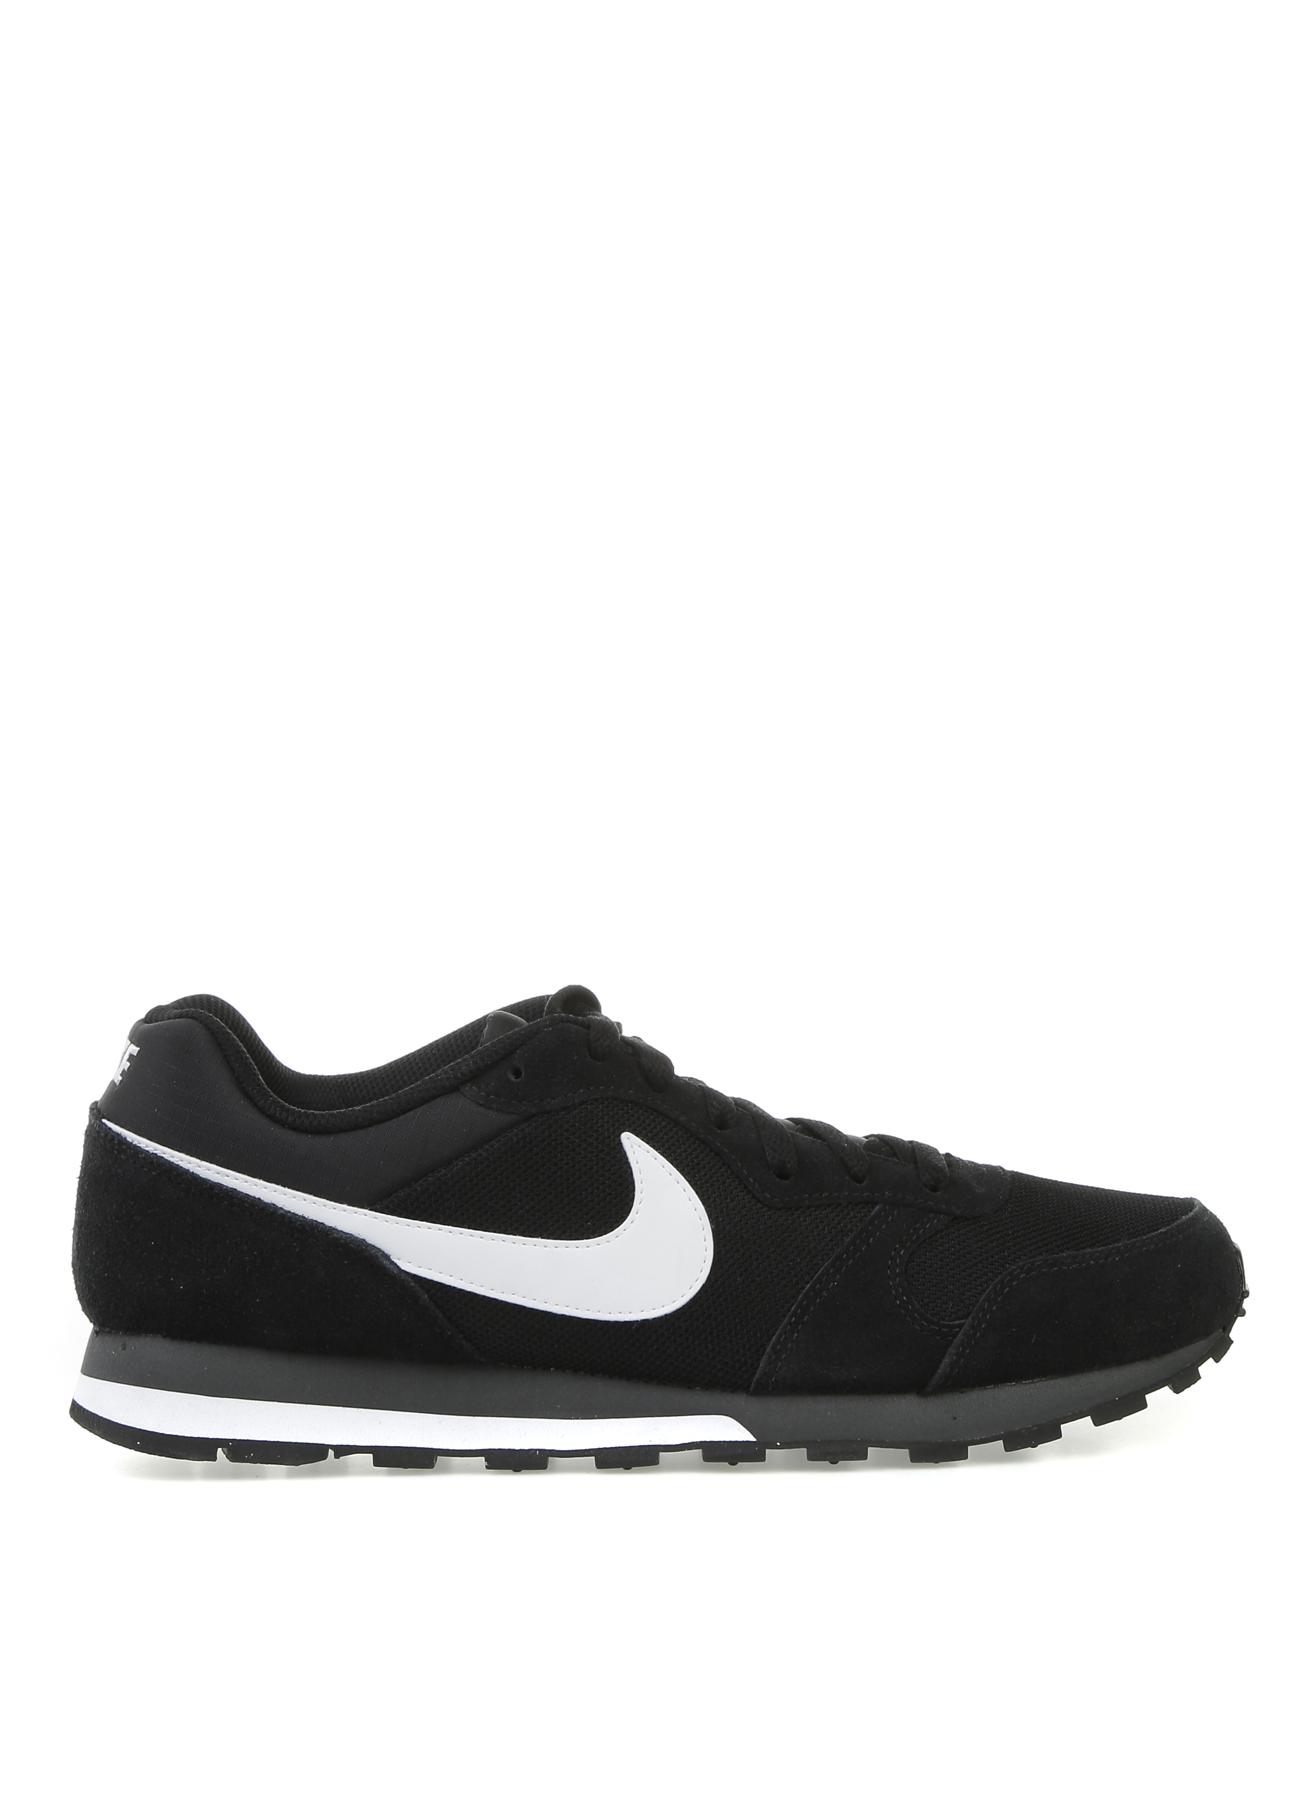 Nike MD Runner Lıfestyle Ayakkabı 46 5000096598009 Ürün Resmi